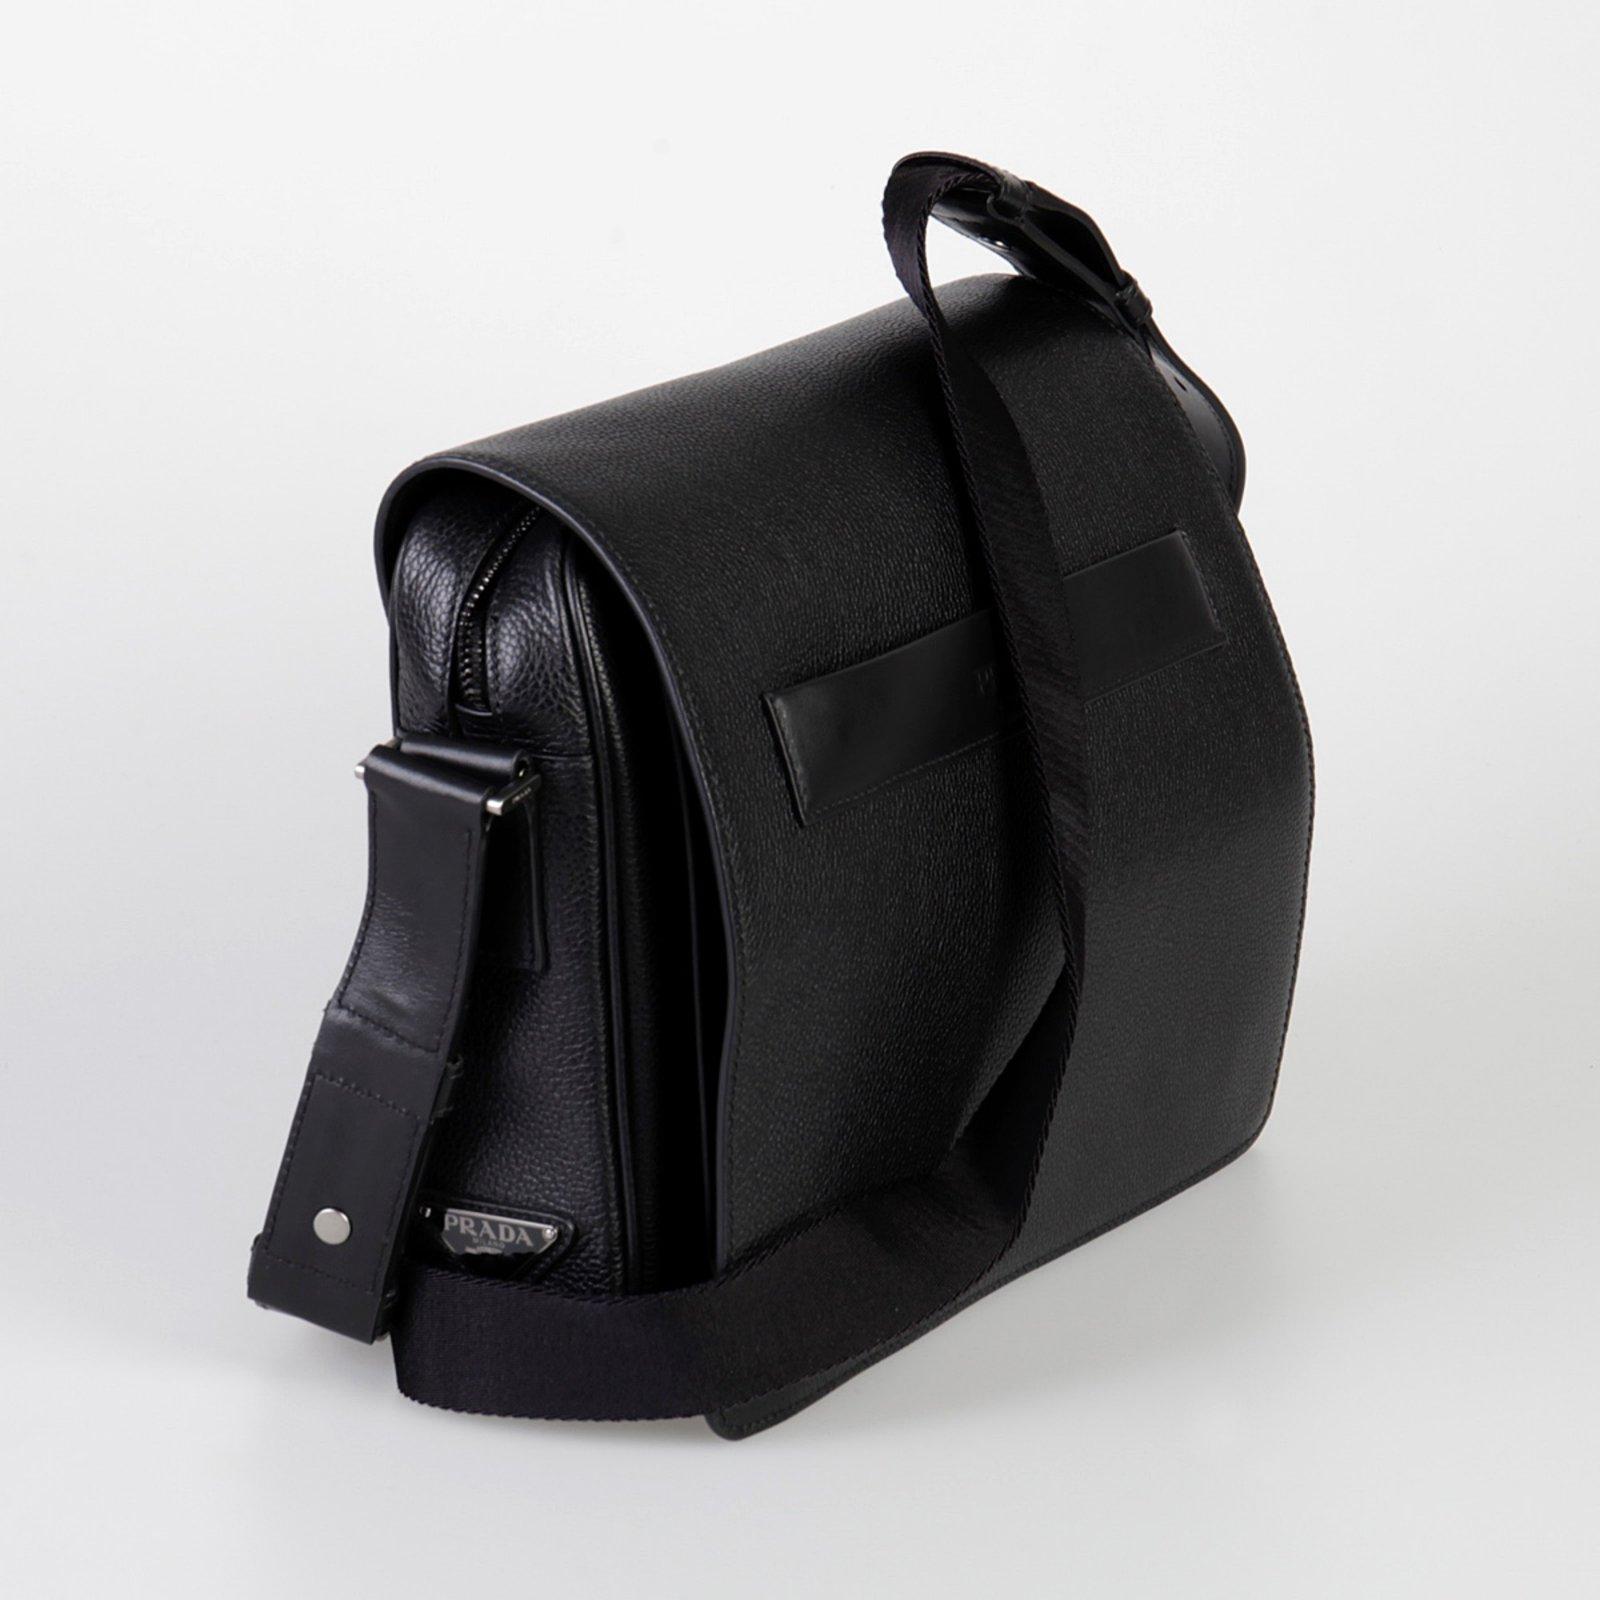 bb5bb1dbdf82 ... greece prada prada messenger bags briefcases leather black ref.59708 joli  closet 3531f 782a7